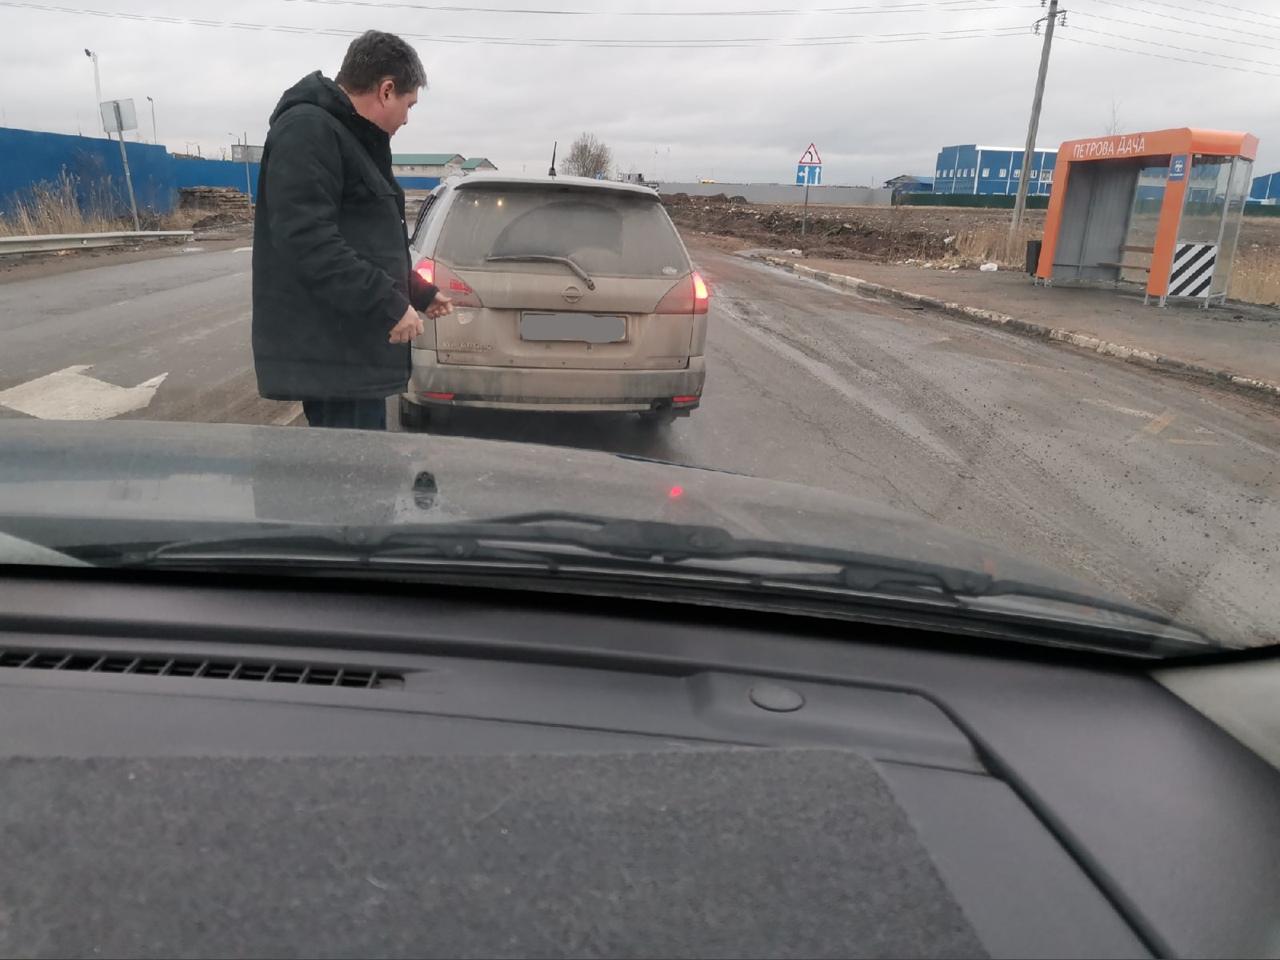 Водитель подрезавший наш автомобиль на дороге и заливший перцовым газовым балоном лицо и куртку, скр...